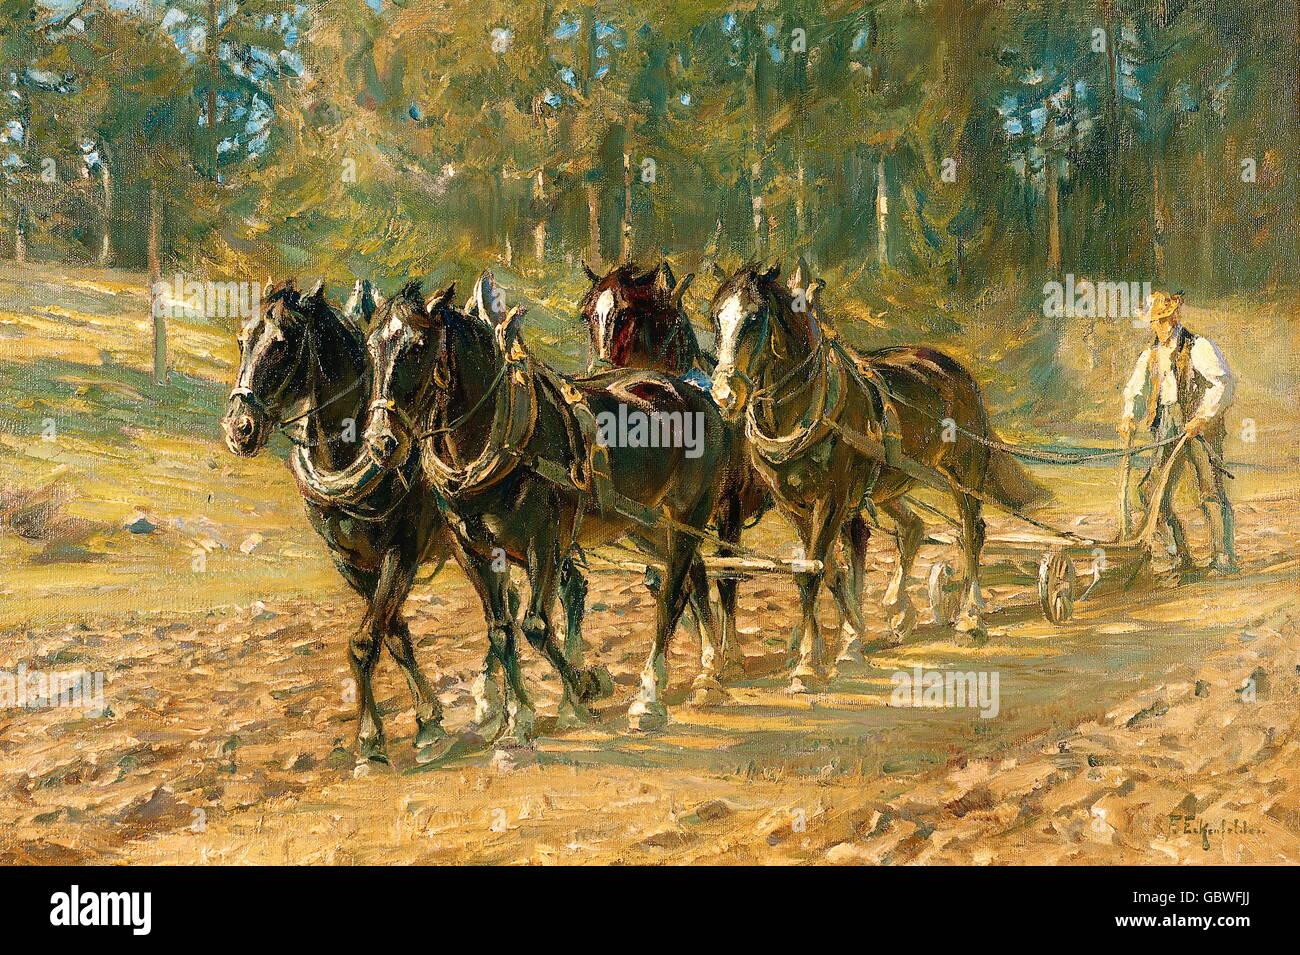 Fine Arts, Eckenfelder Friedrich (1861 1938), Painting U0027Bauer Beim Pfluegen